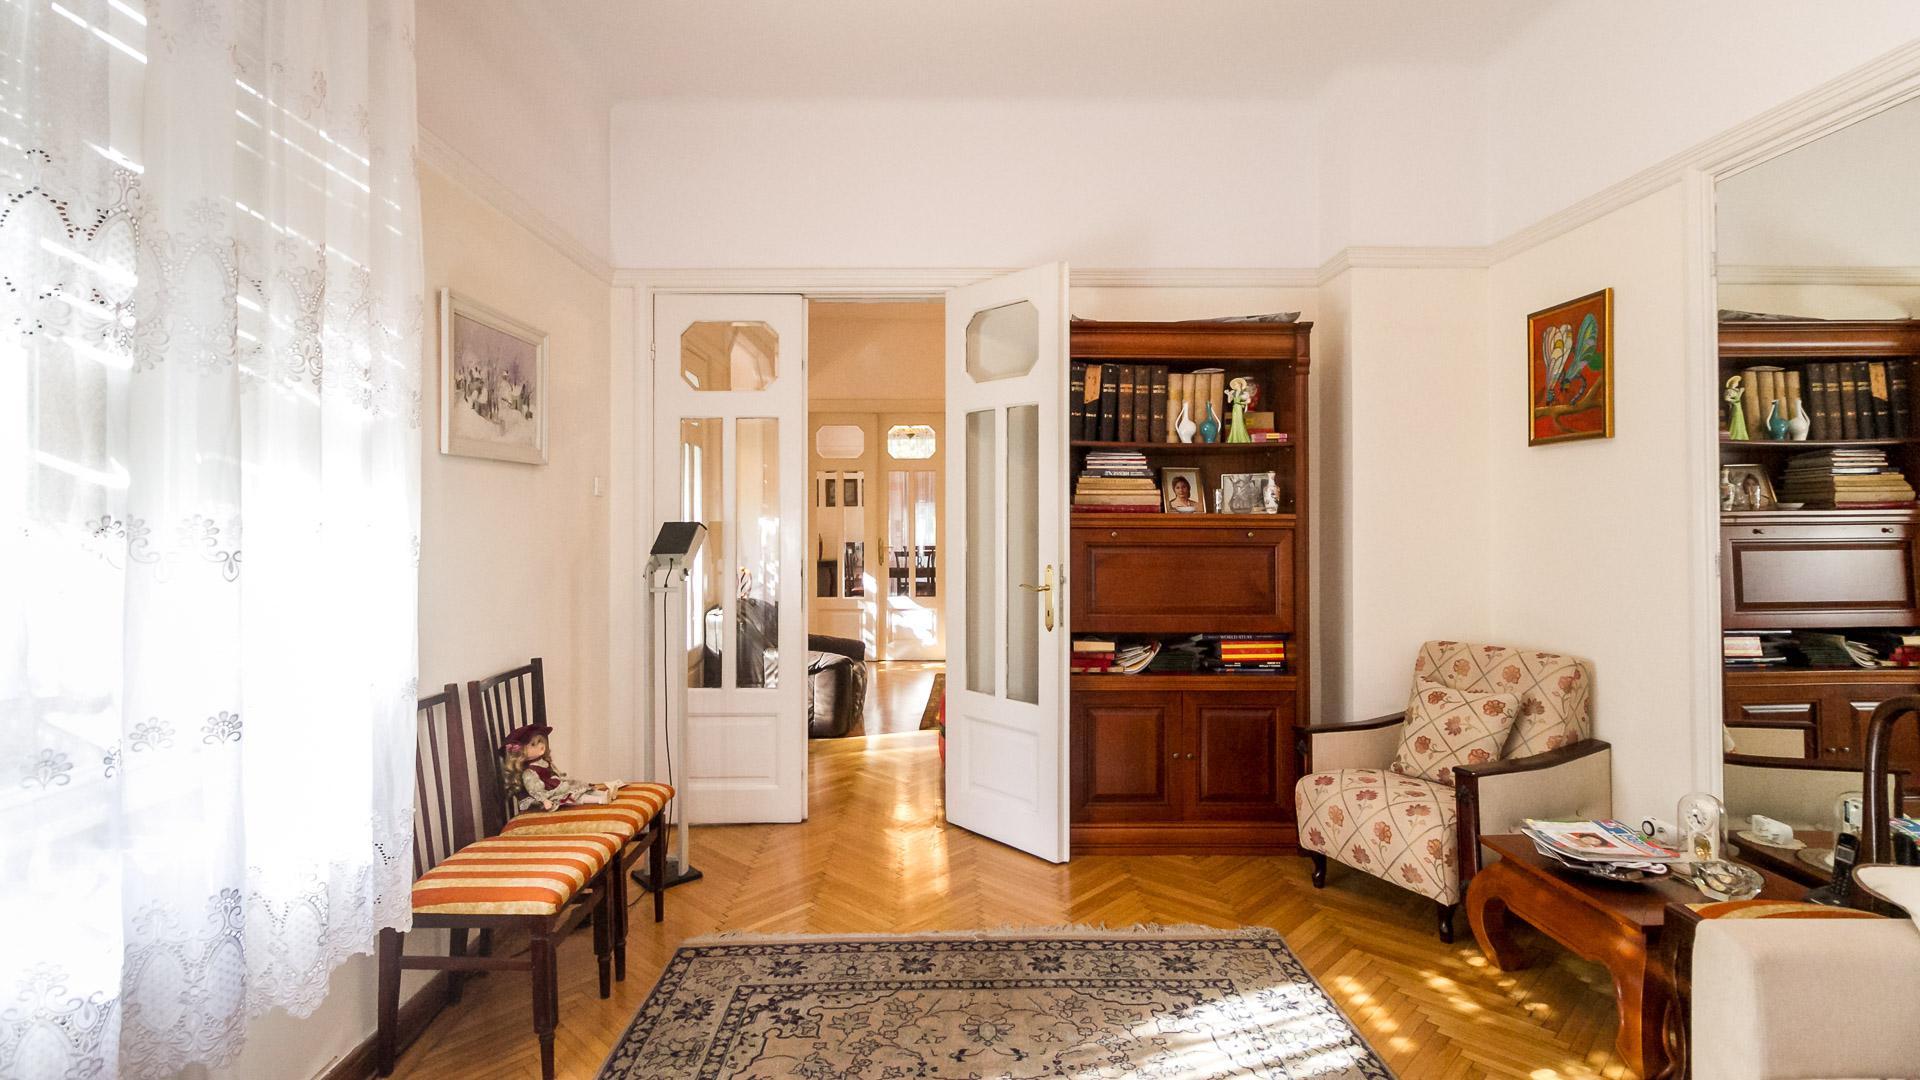 dormitor-apartament-4-camere-parter-vila-centru-Bucuresti-metrou